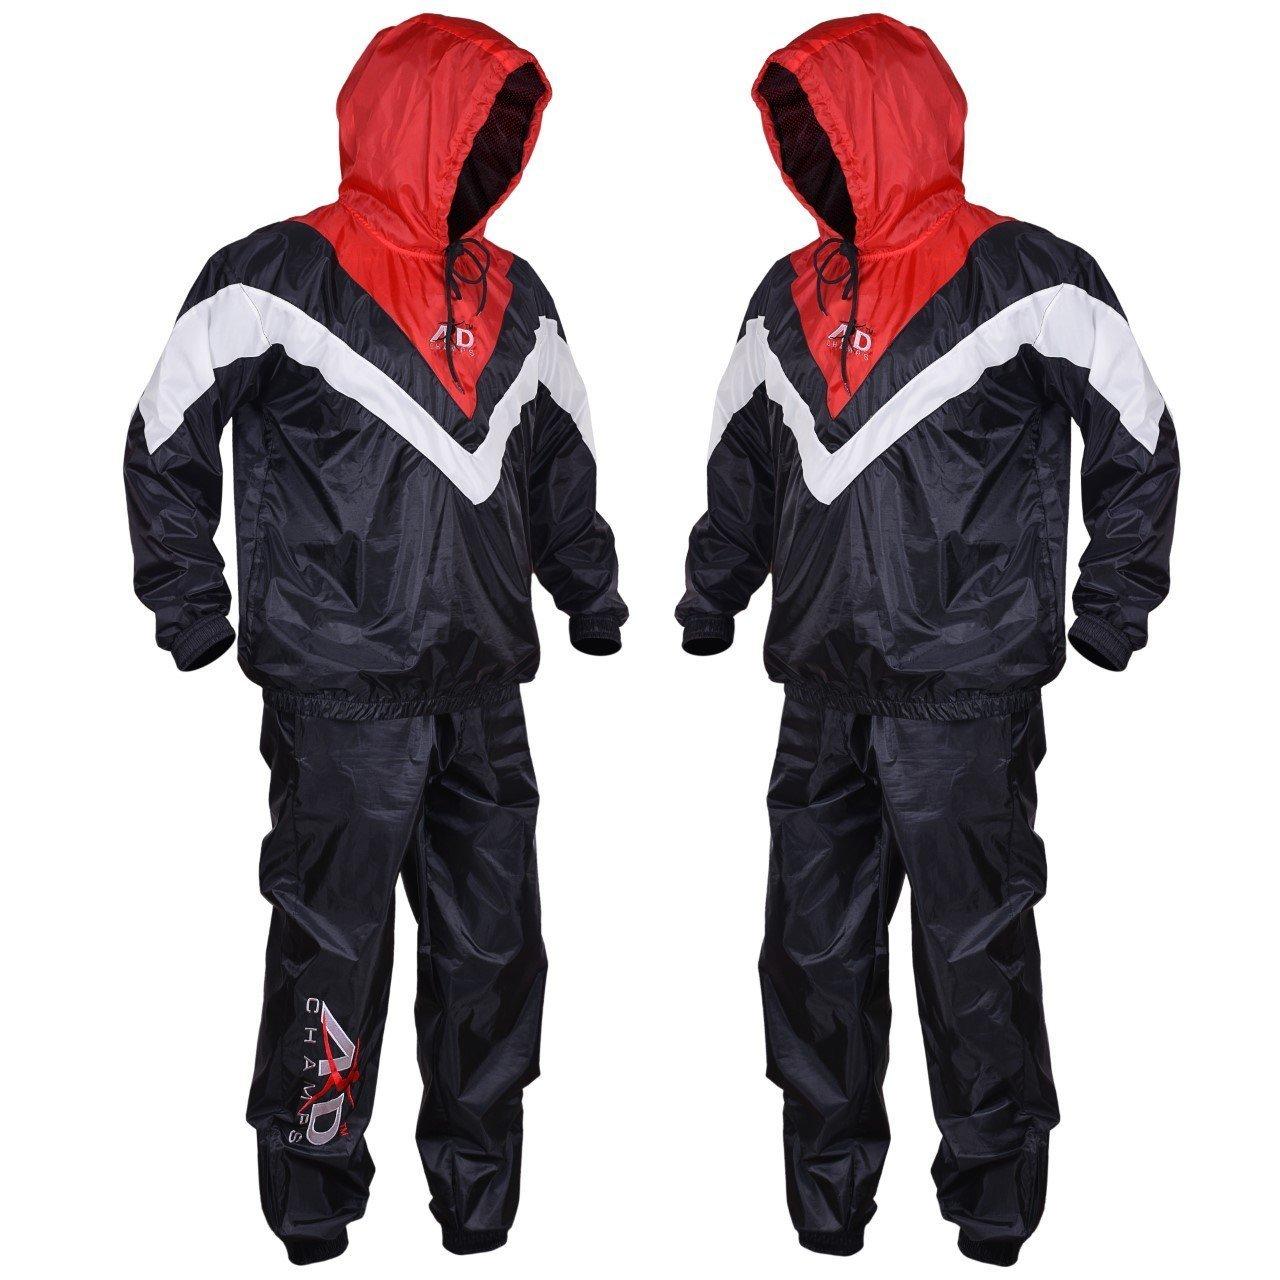 ARD CHAMPS Sauna Sweat Track Suit重量損失スリミングFitness ( S )   B06XTDLHKM